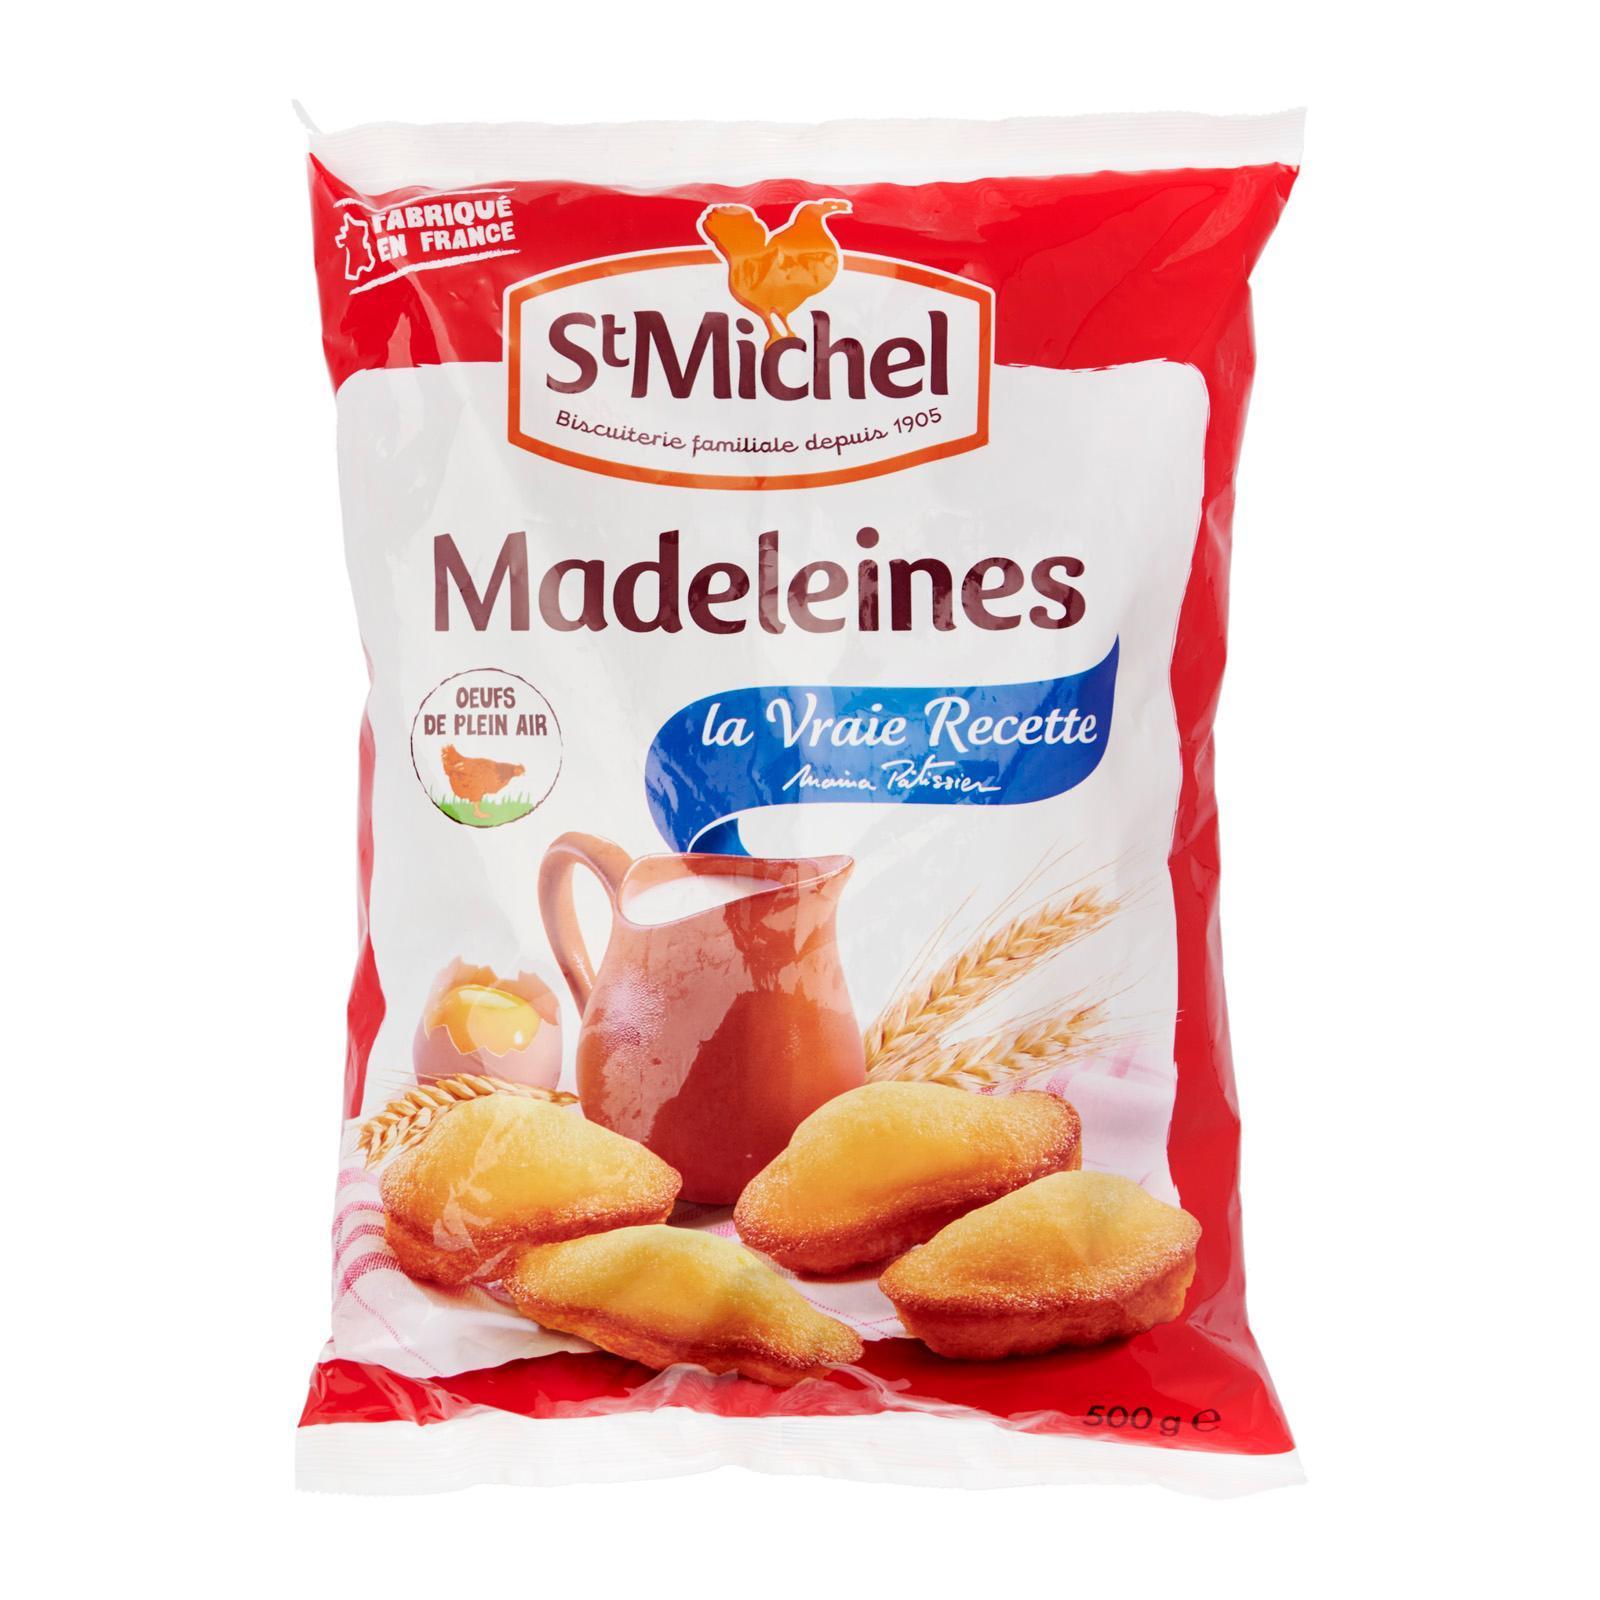 St Michel Madeleines By Redmart.